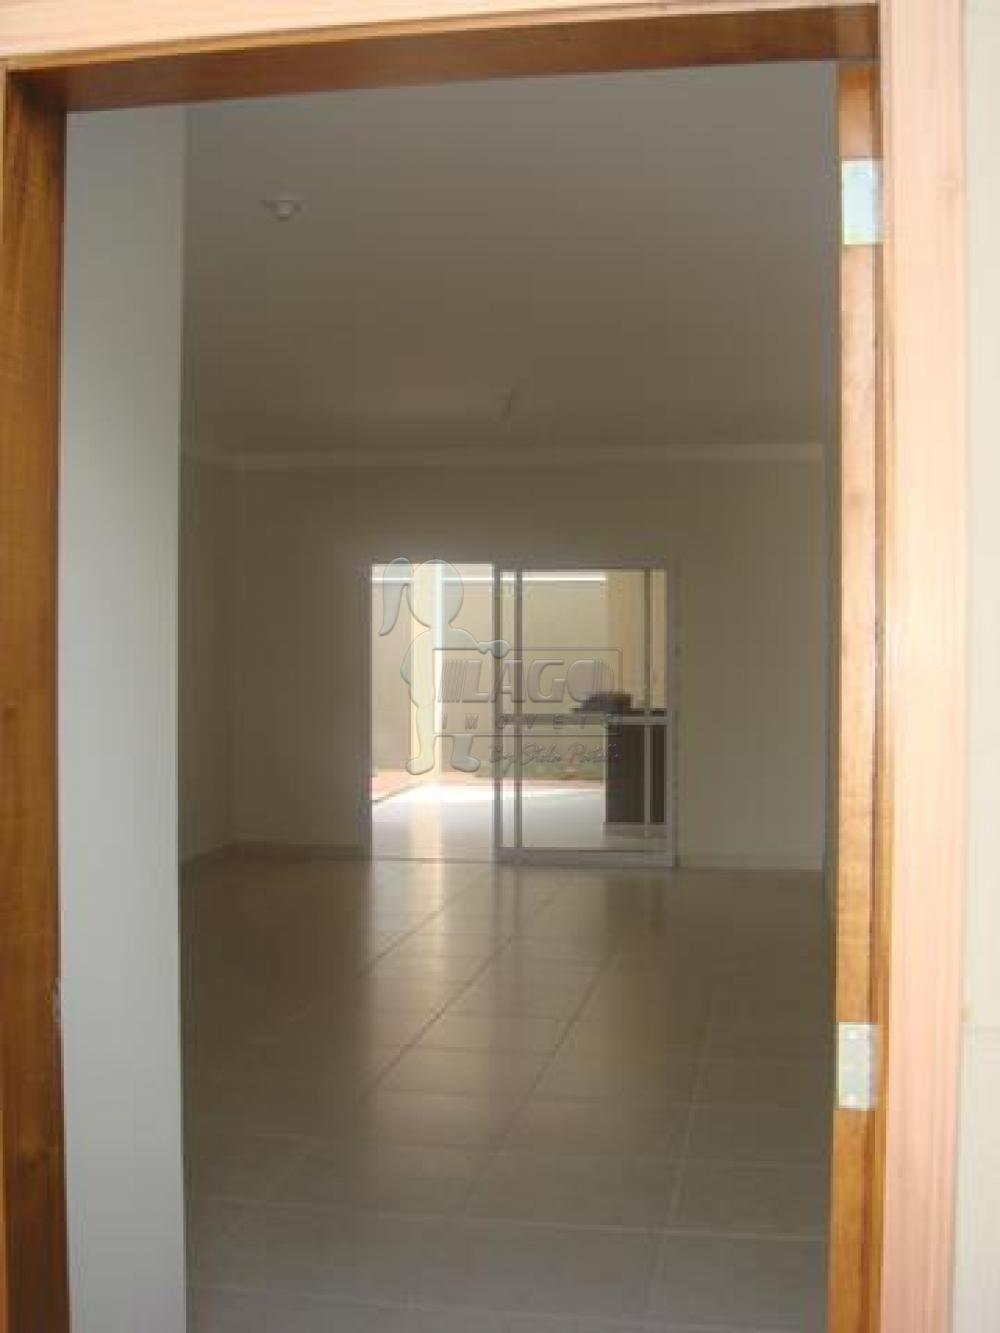 Comprar Casas / Padrão em Bonfim Paulista apenas R$ 500.000,00 - Foto 11